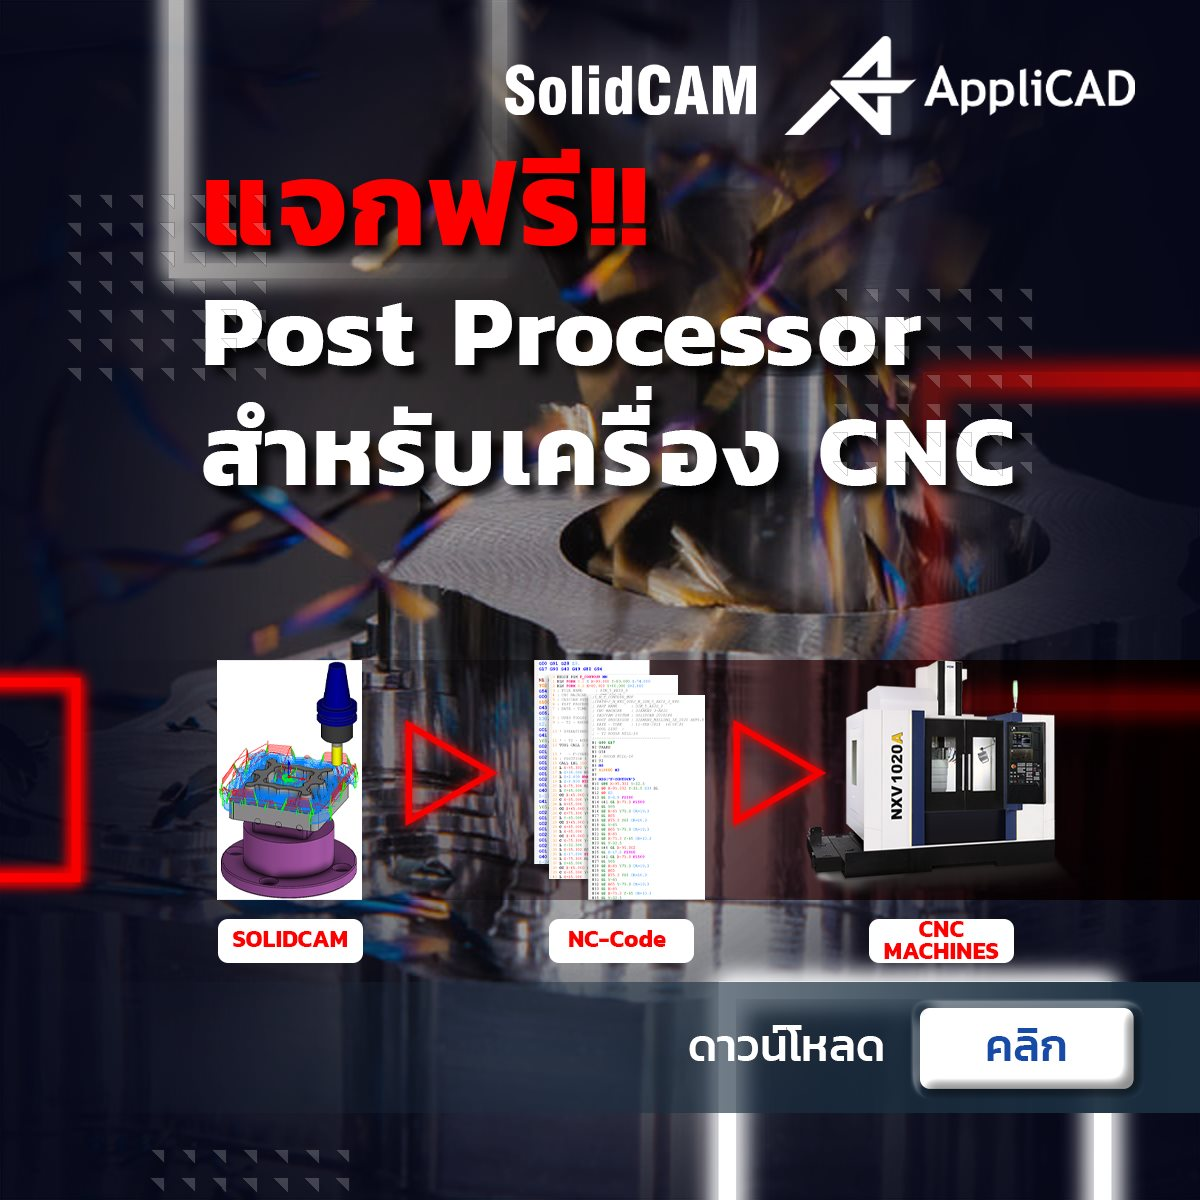 ดาวน์โหลด SolidCAM Post Processor